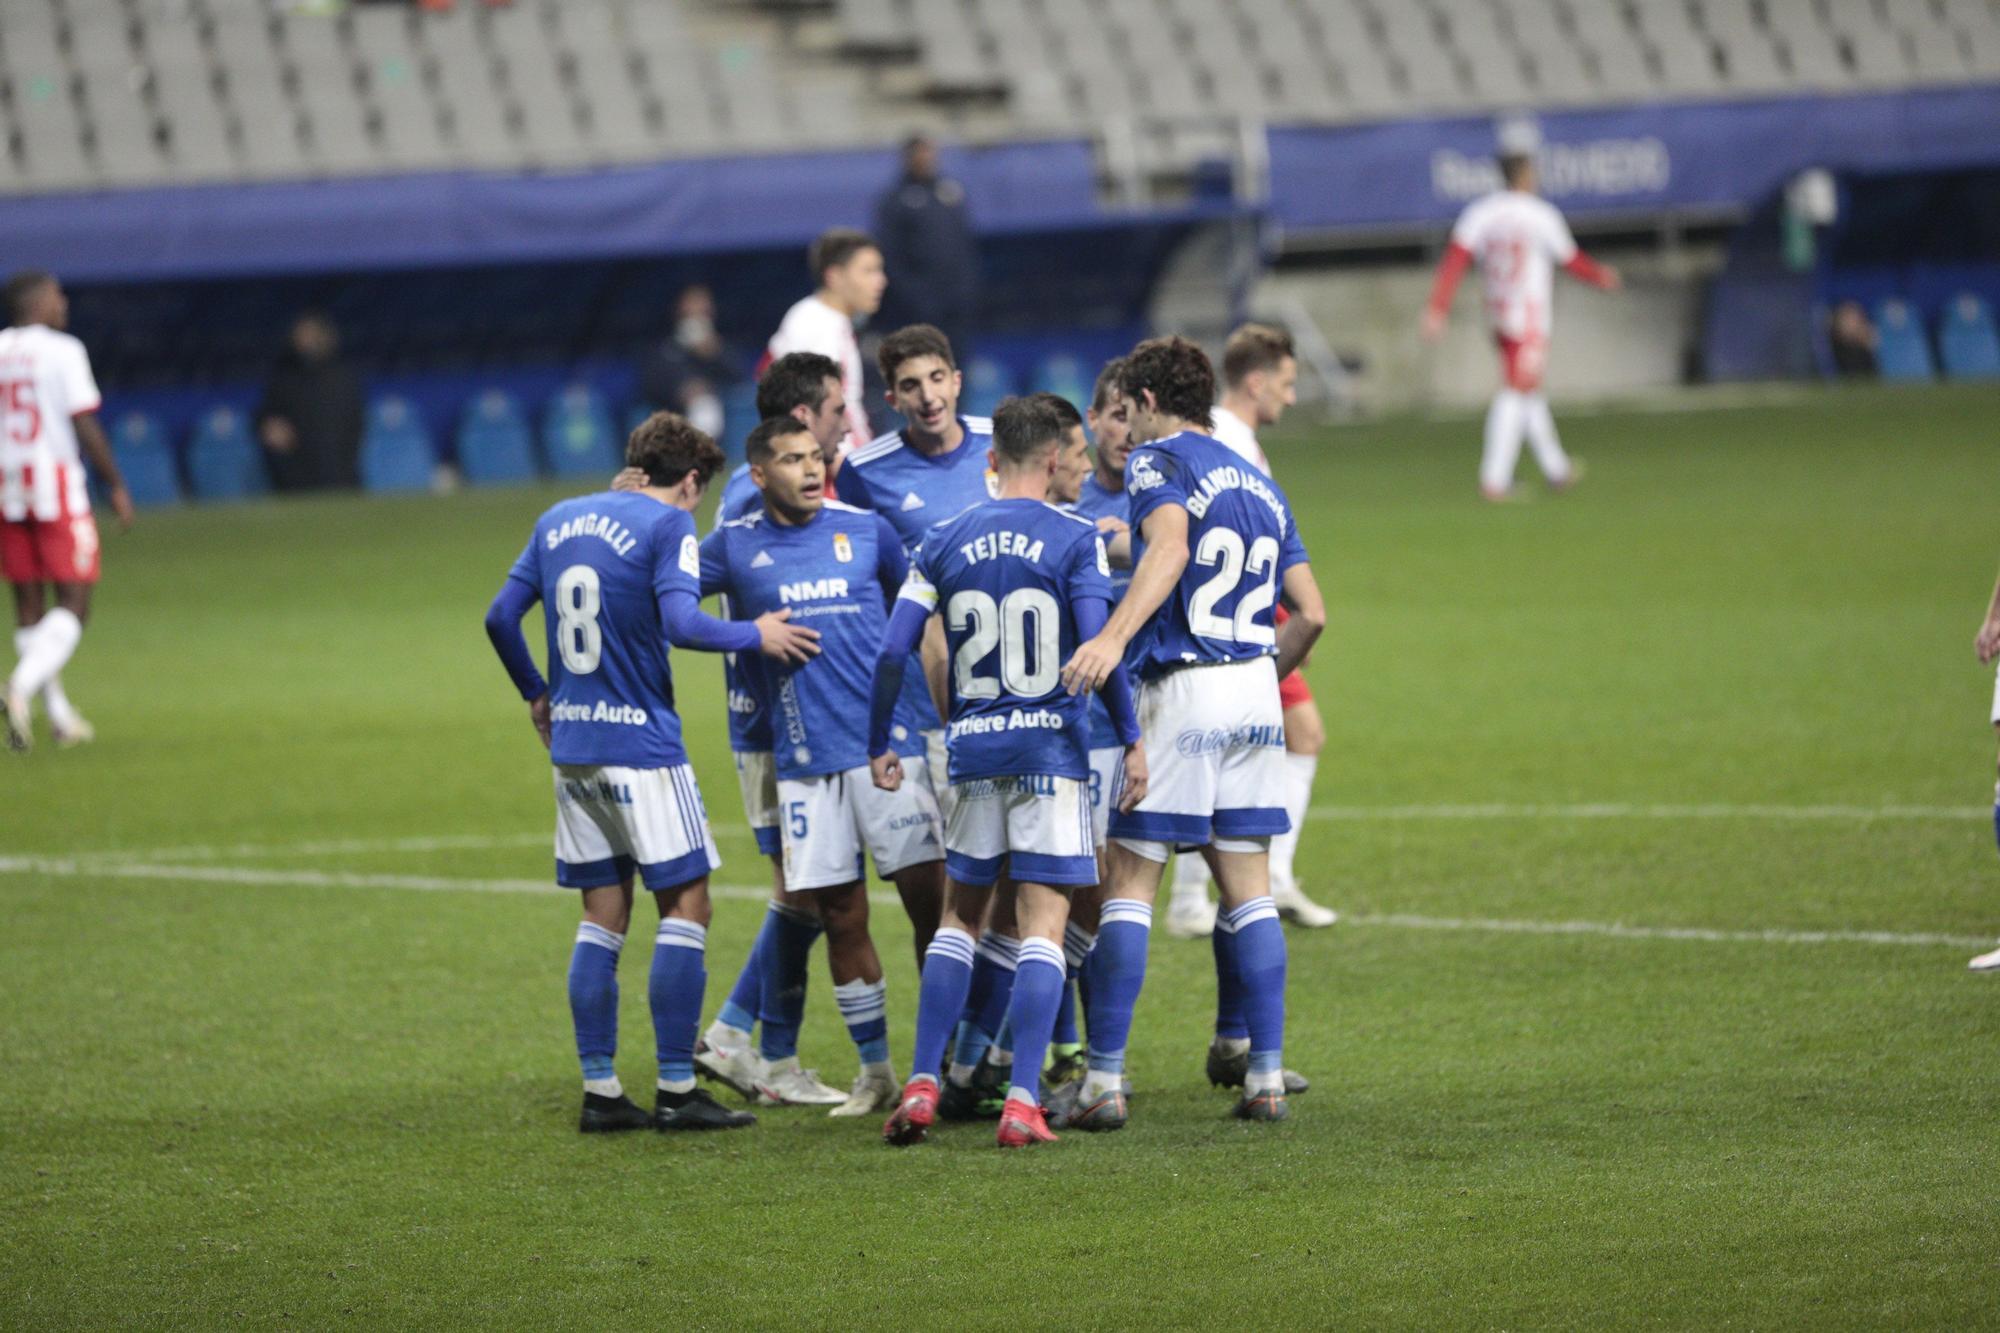 Real Oviedo-Almería (1-2)